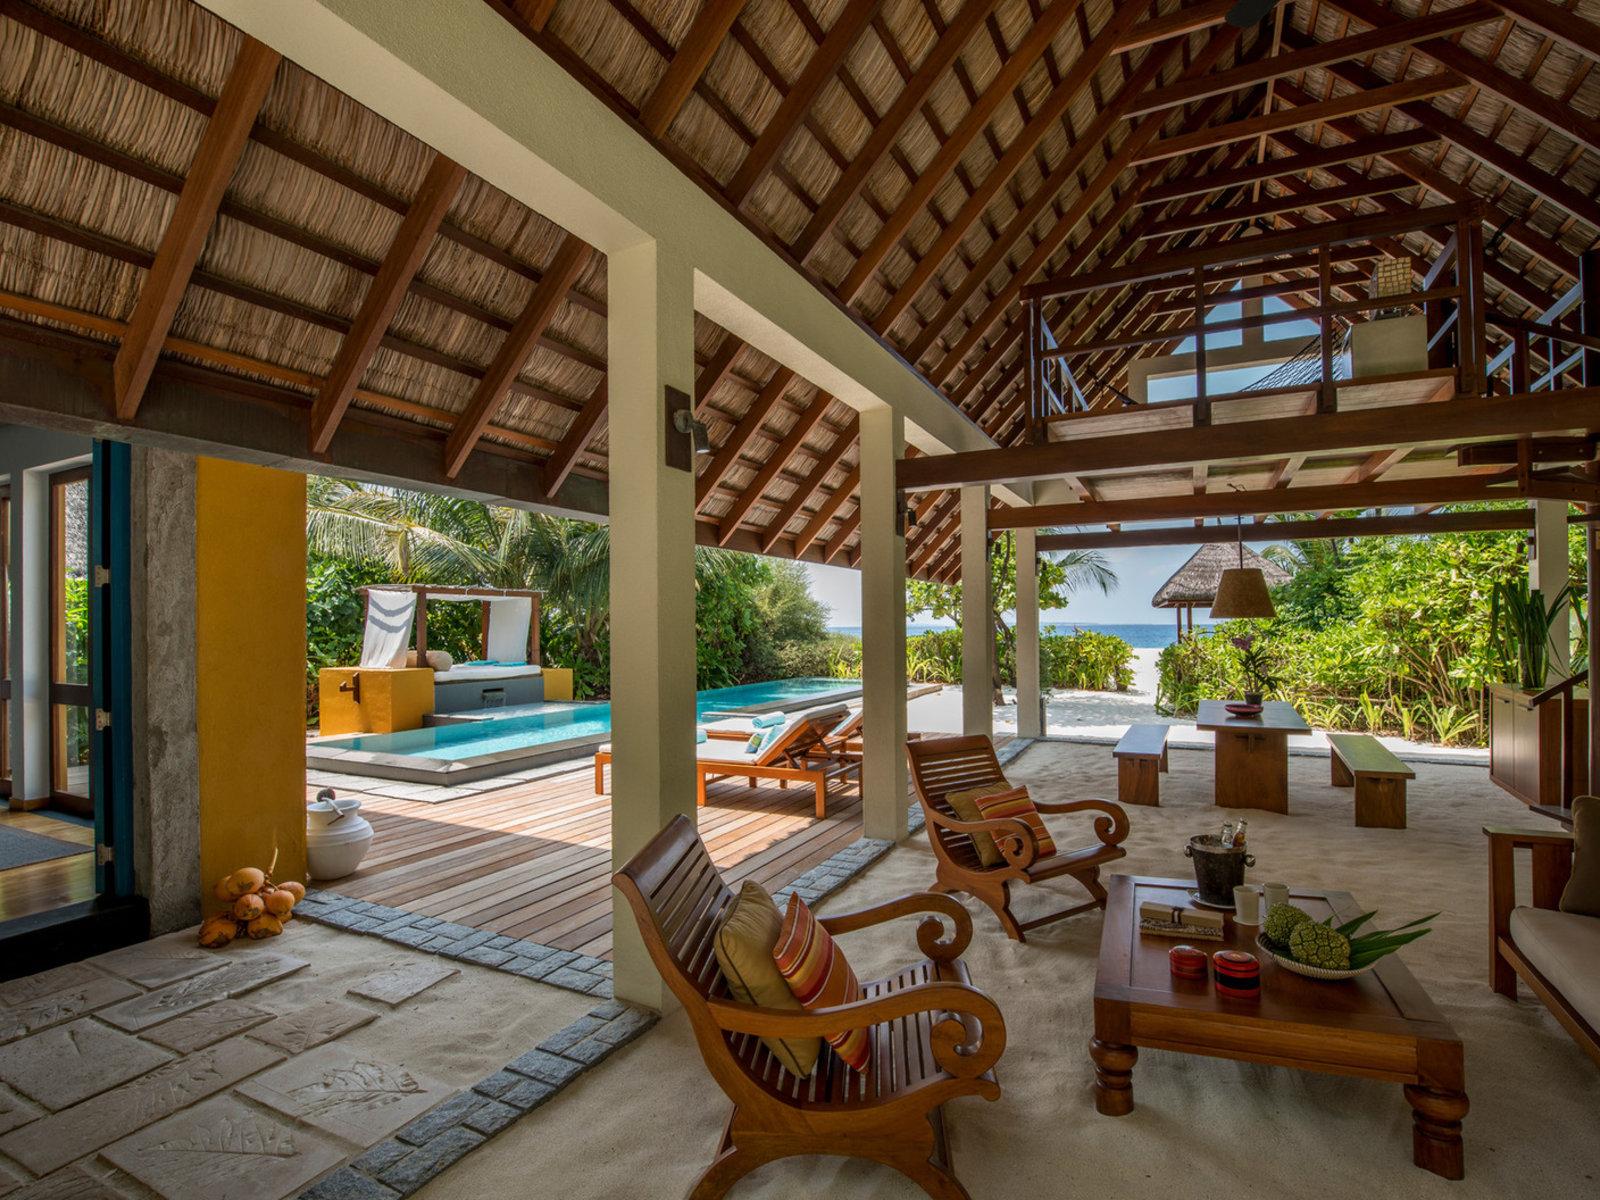 Wohnbeispiel Beach Villa with Pool